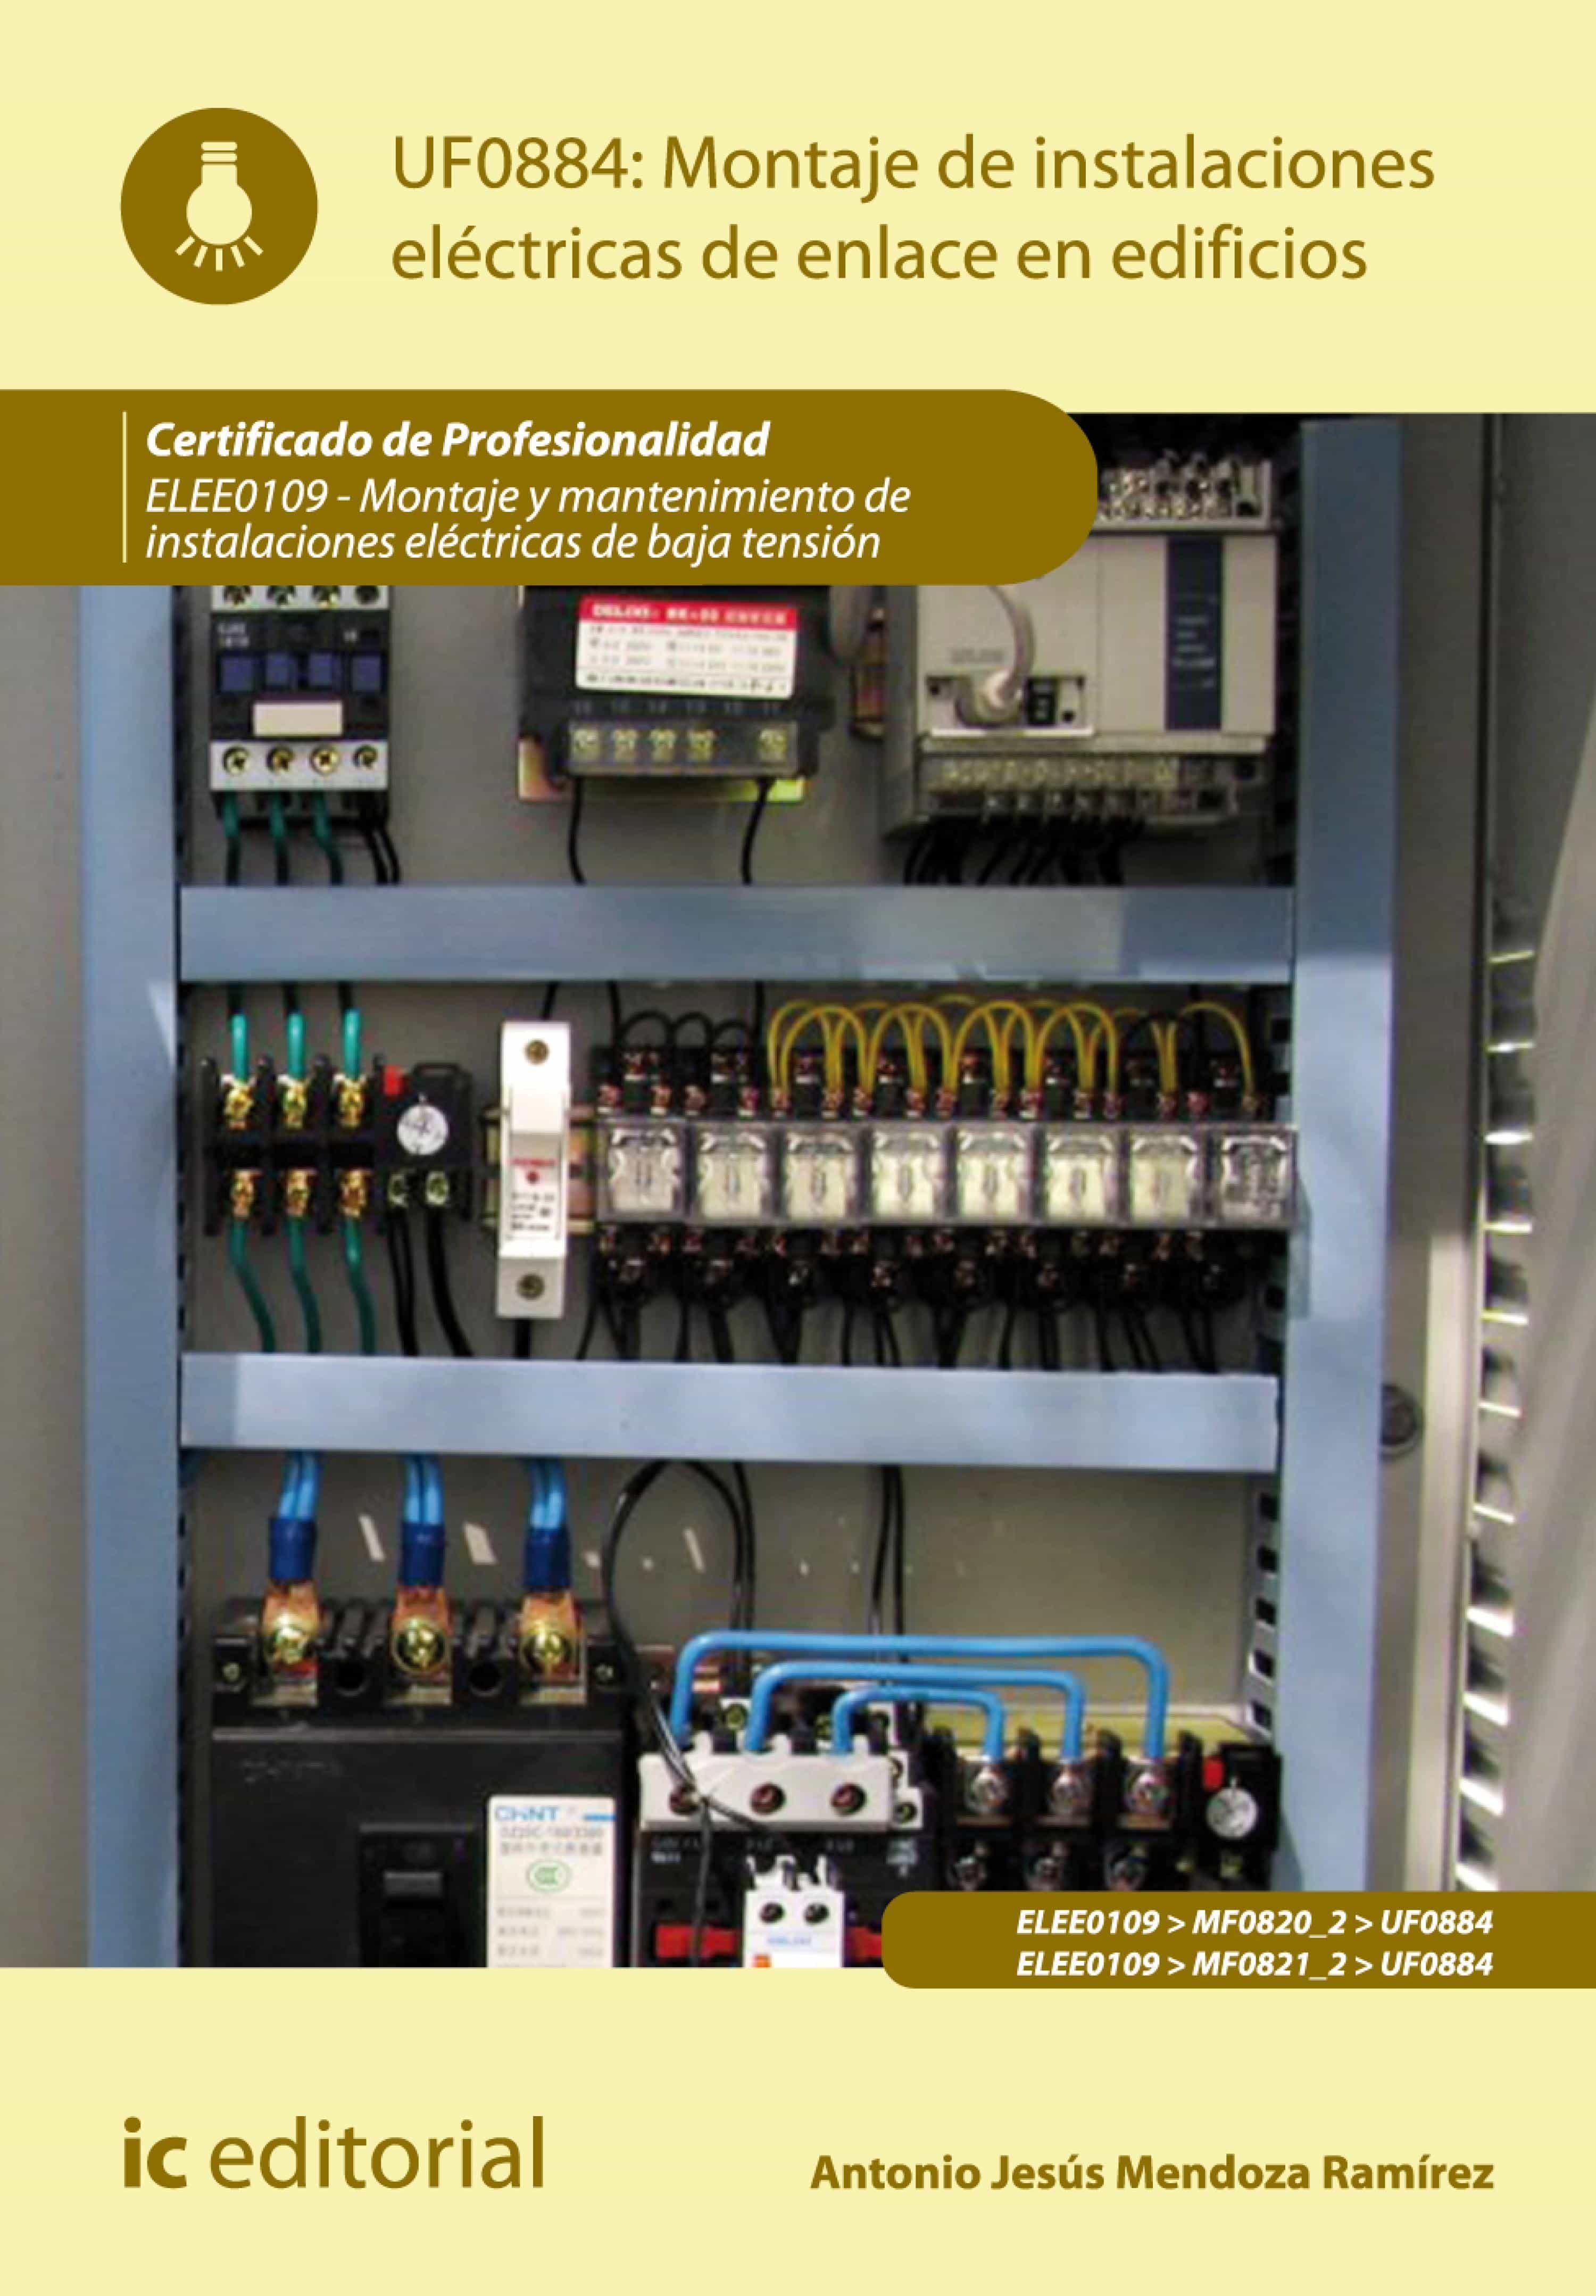 Montaje De Instalaciones Eléctricas De Enlace En Edificios. Elee0109 - Montaje Y Mantenimiento De Instalaciones Eléctricas De Baja Tensión   por Vv.aa.